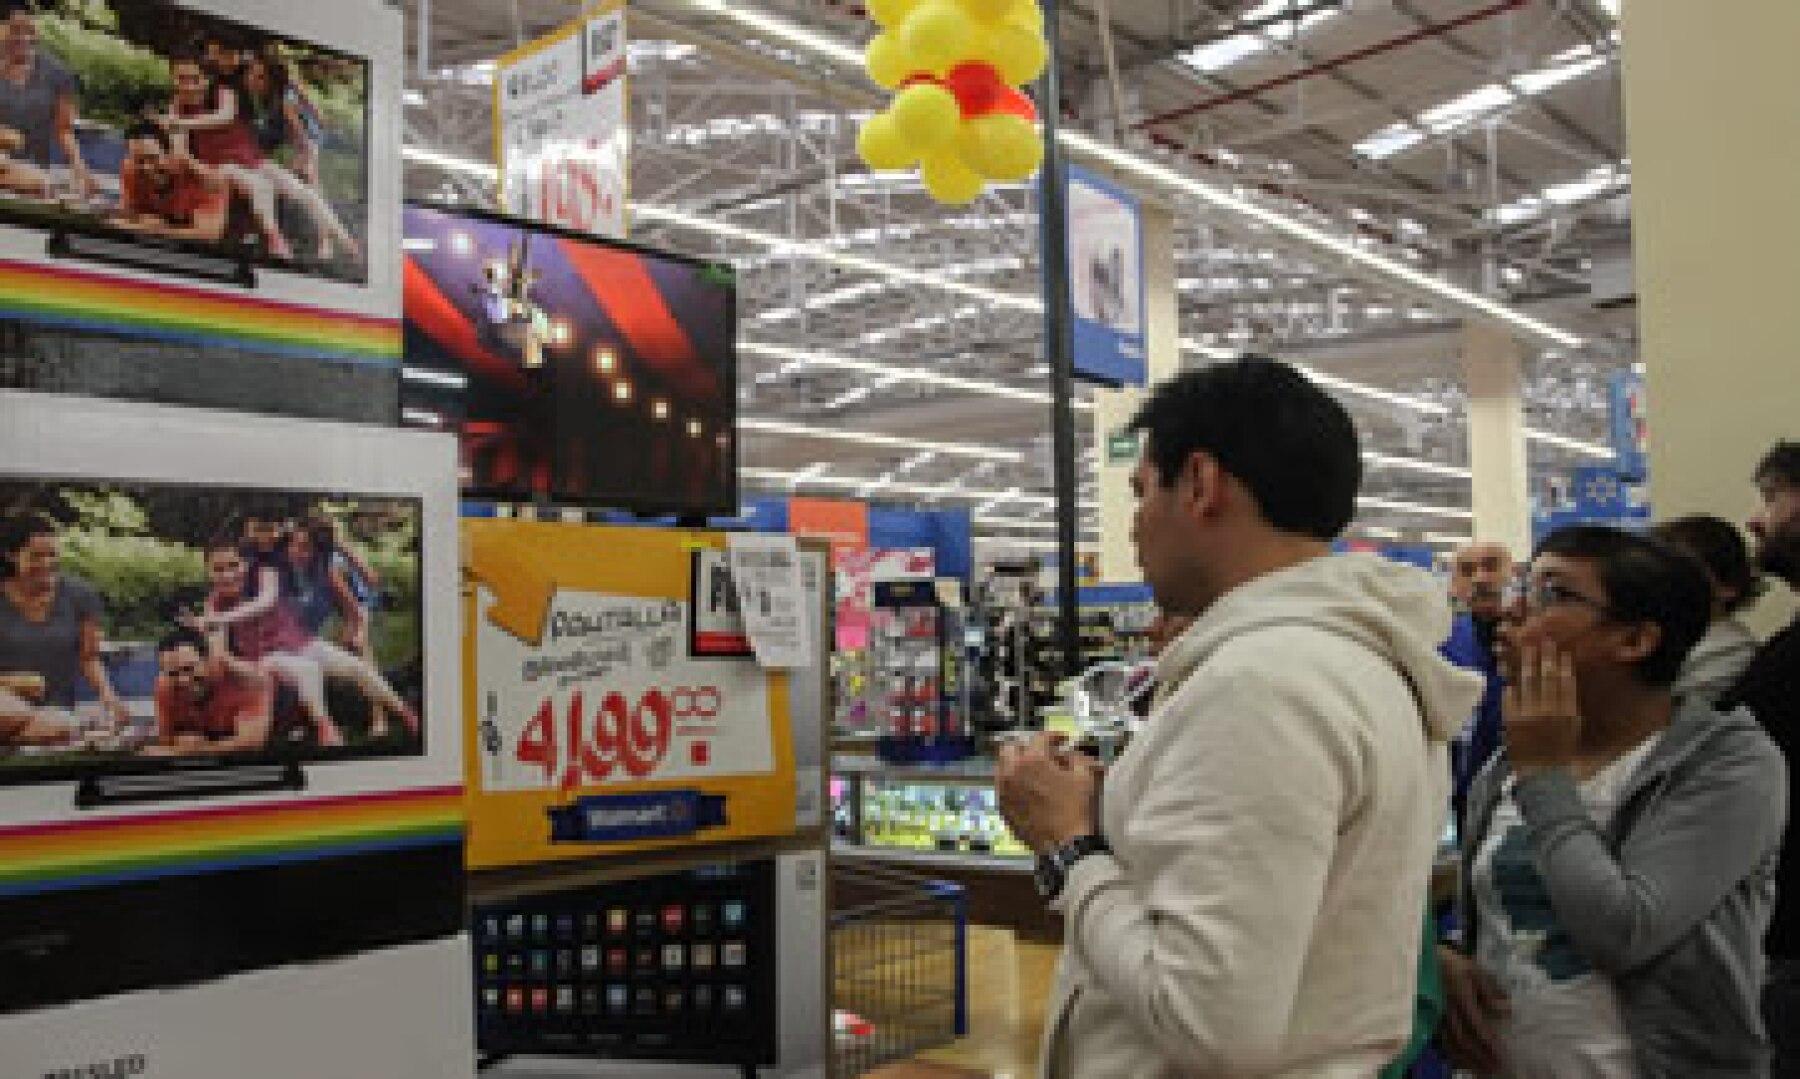 Las reclamaciones durante el Buen Fin se concentraron en Walmart, Liverpool y Elektra.  (Foto: Cuartoscuro)